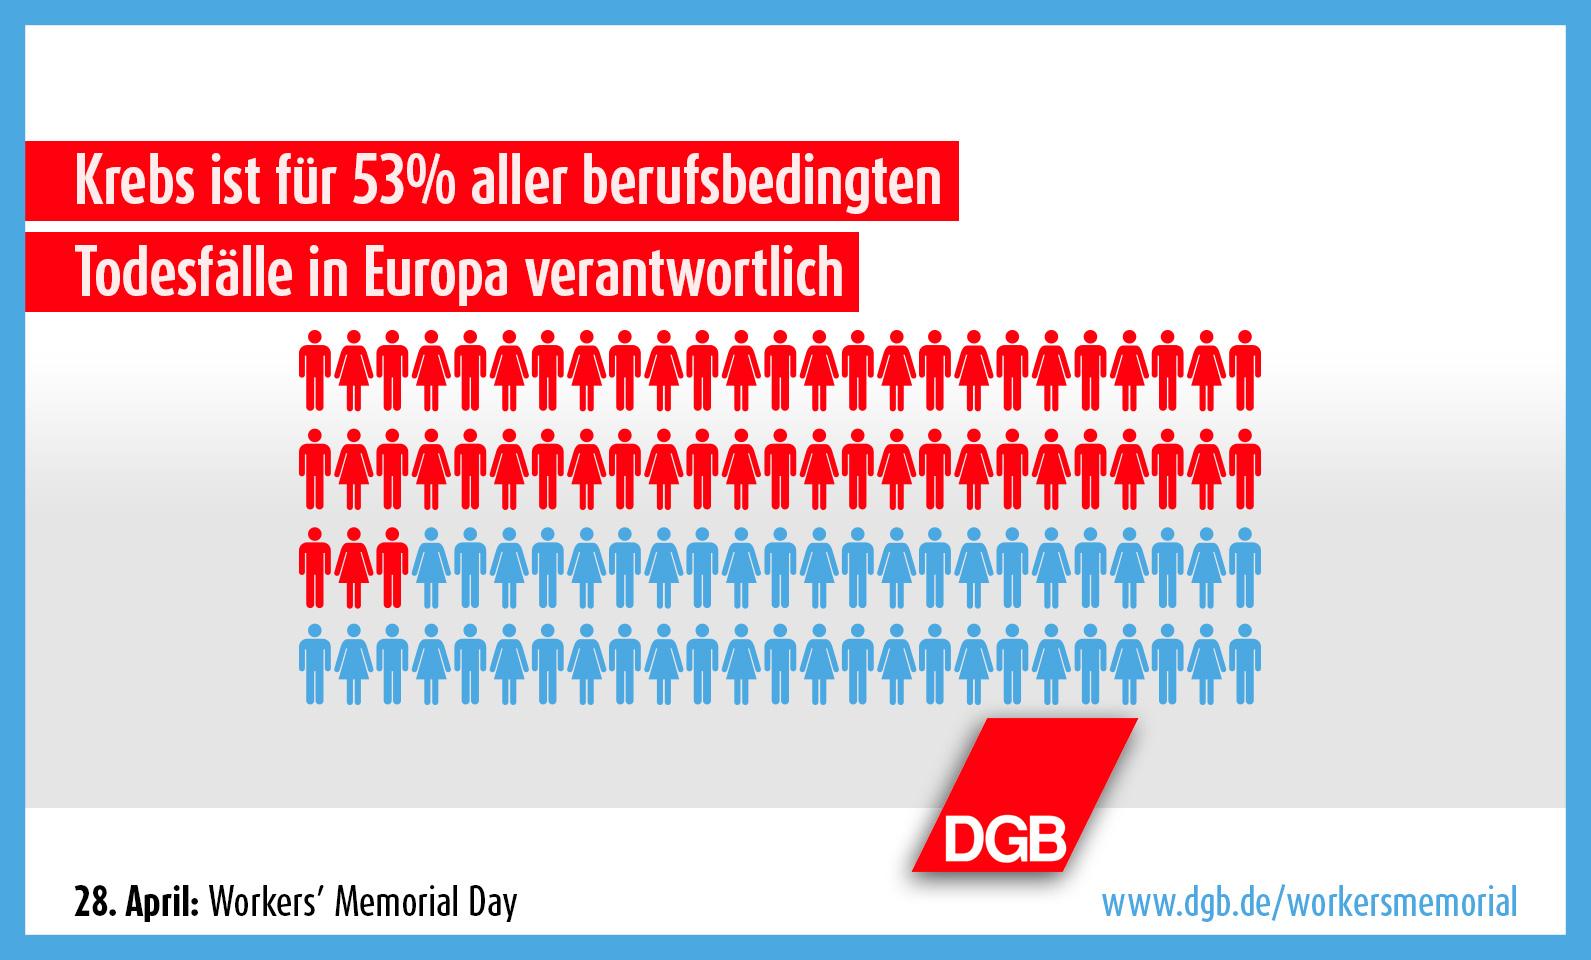 Workers' Memorial Day 2016 - DGB - EGB - ETUI - Krebs ist für 53% aller arbeitsbedingten Todesfälle in Europa verantwortlich